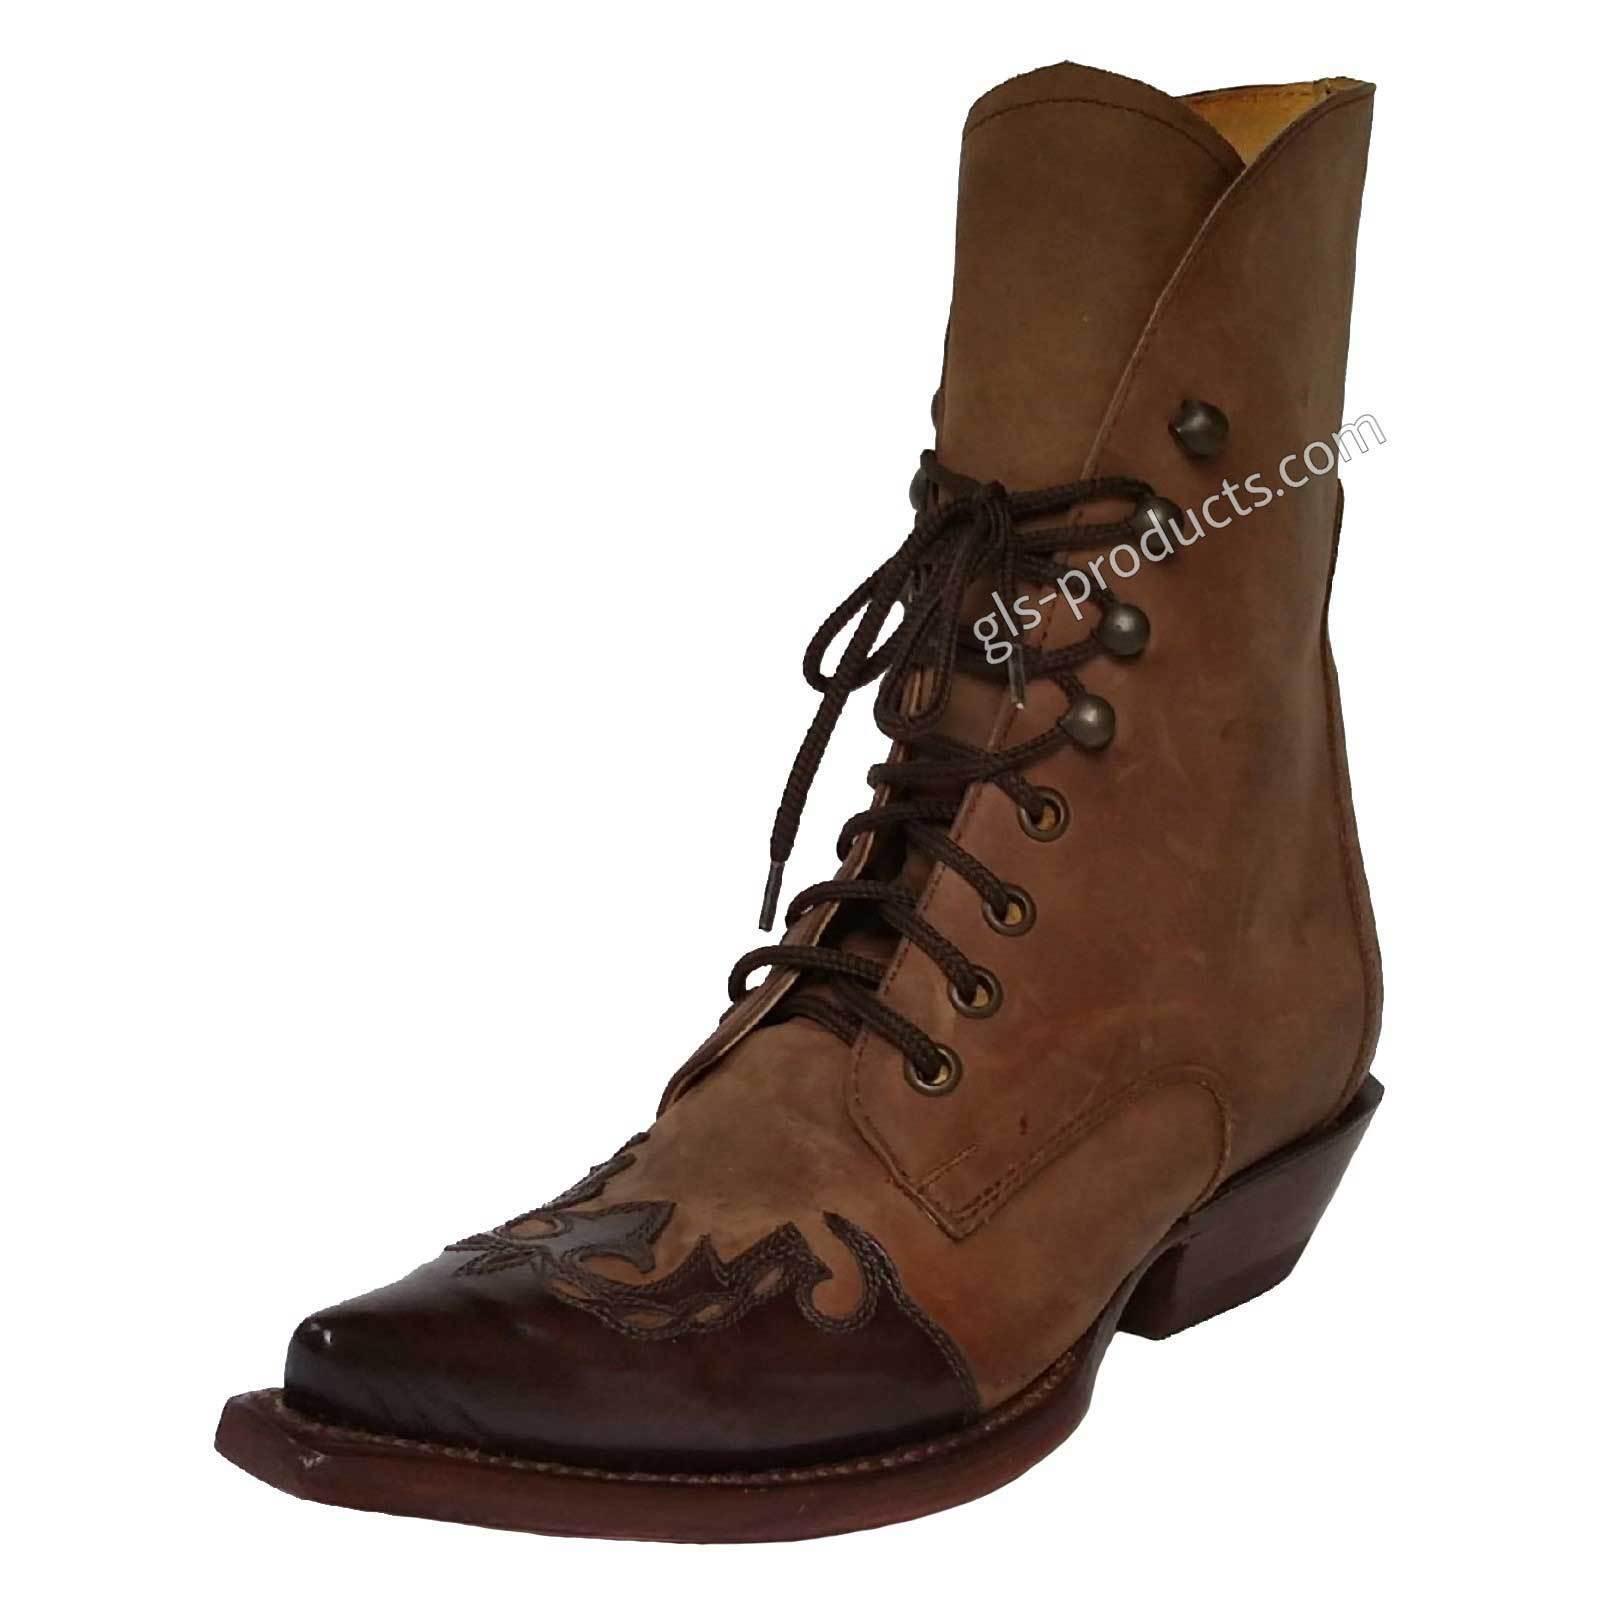 economico e di alta qualità Quincy LADY Stivali Western Cowboy Stivaletti LINEDANCE schnürstivali Marrone Tg. Tg. Tg. 36  Spedizione gratuita per tutti gli ordini